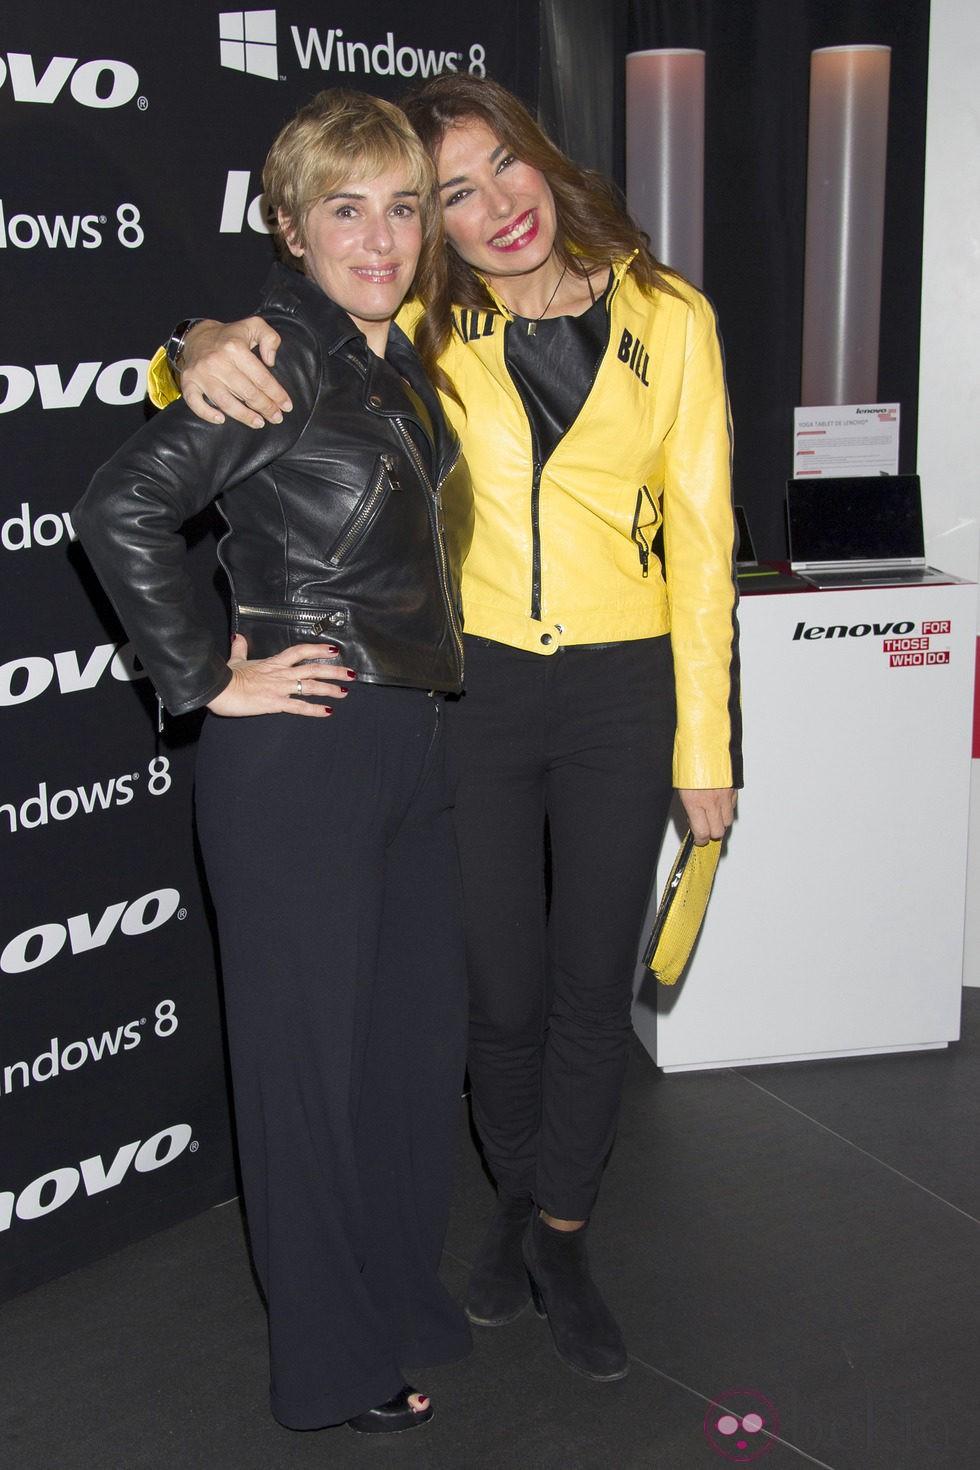 Anabel Alonso y Raquel Revuelta en la fiesta de presentación de la nueva campaña de una firma de equipos informáticos